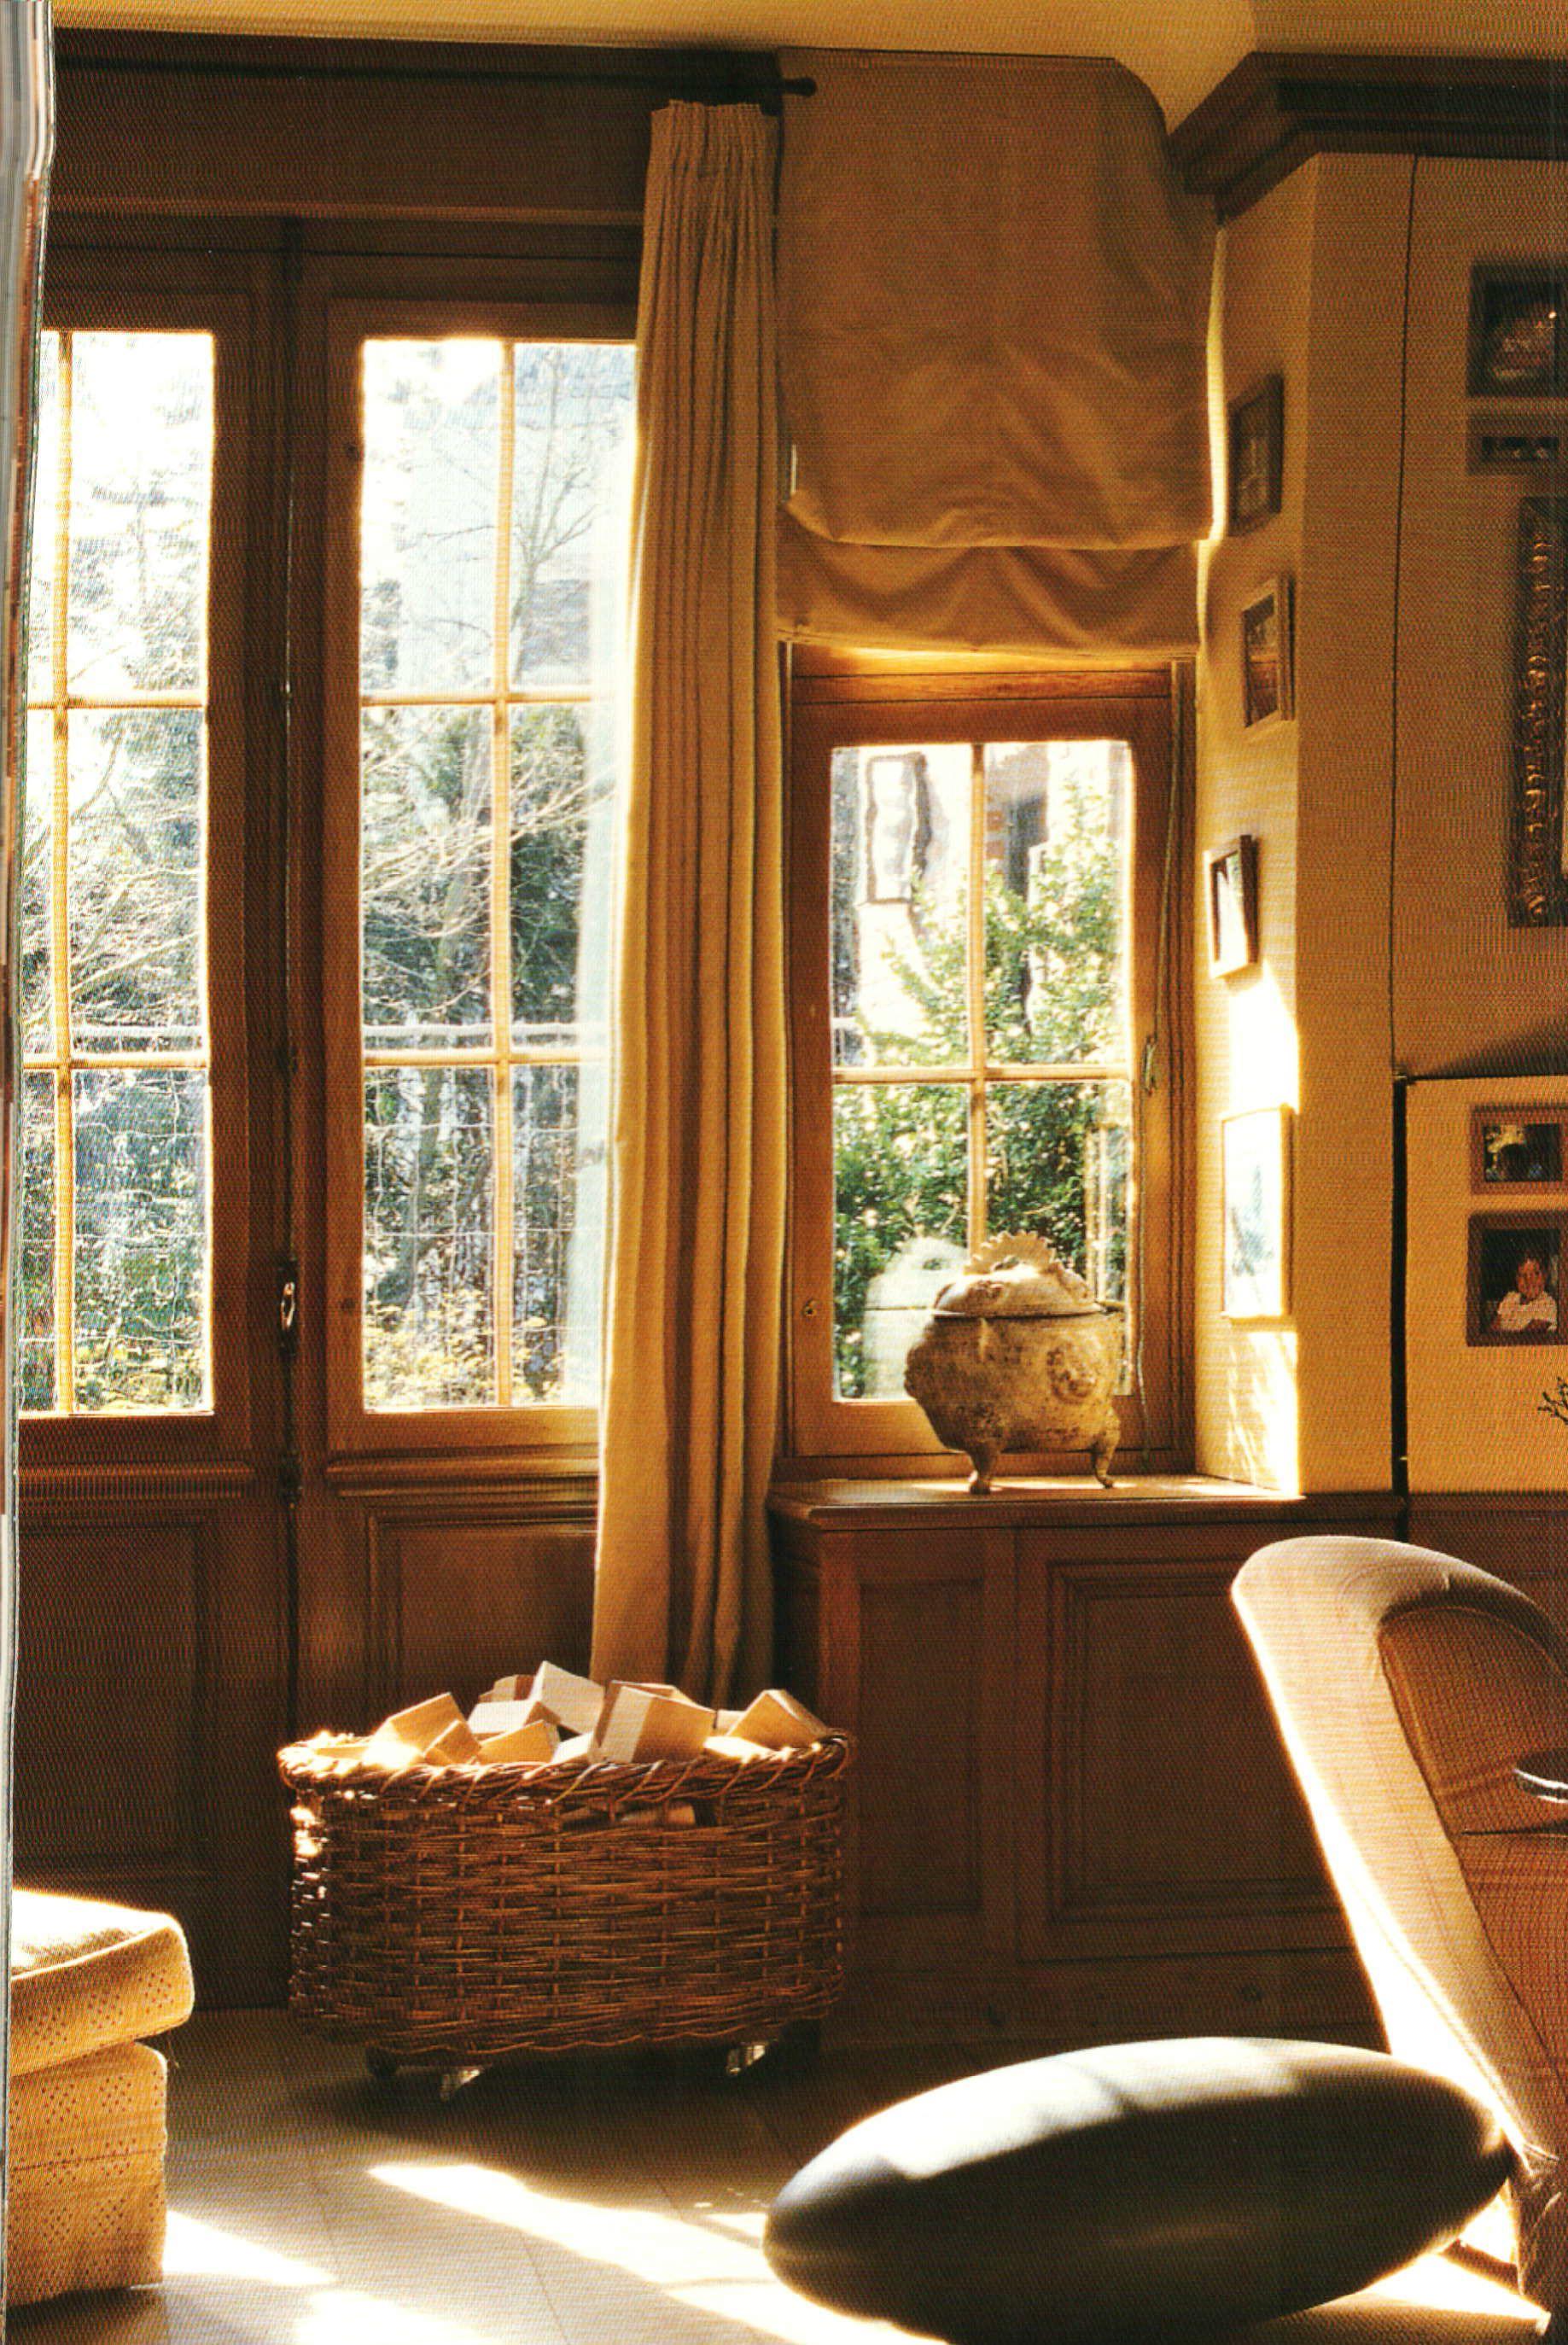 Door axel vervoordt timeless interiors home decor